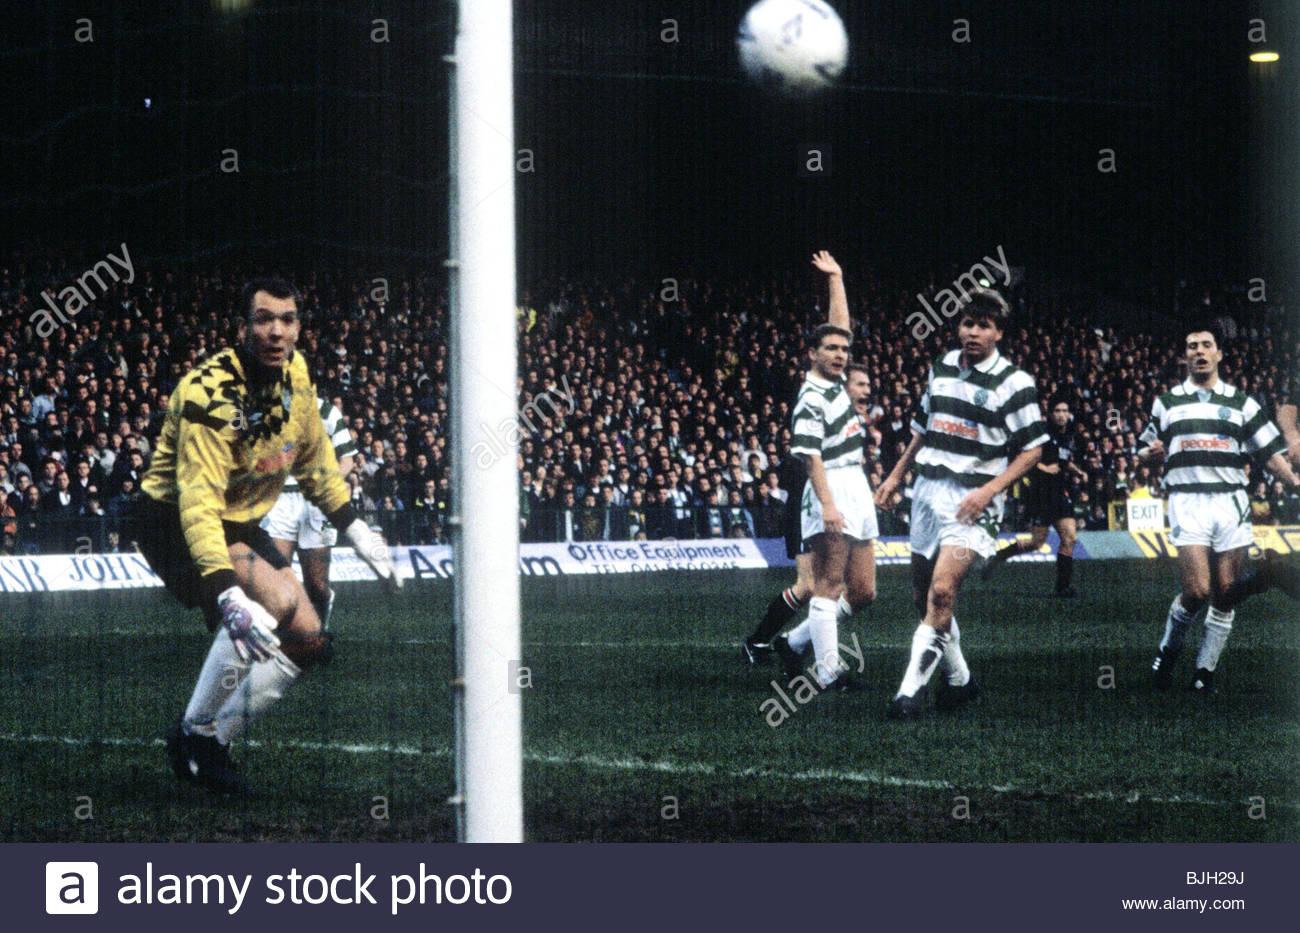 14/12/91 PREMIER DIVISION CELTIC V ST MIRREN (4-0) CELTIC PARK - GLASGOW Gordon Marshall (left) and Celtic team - Stock Image